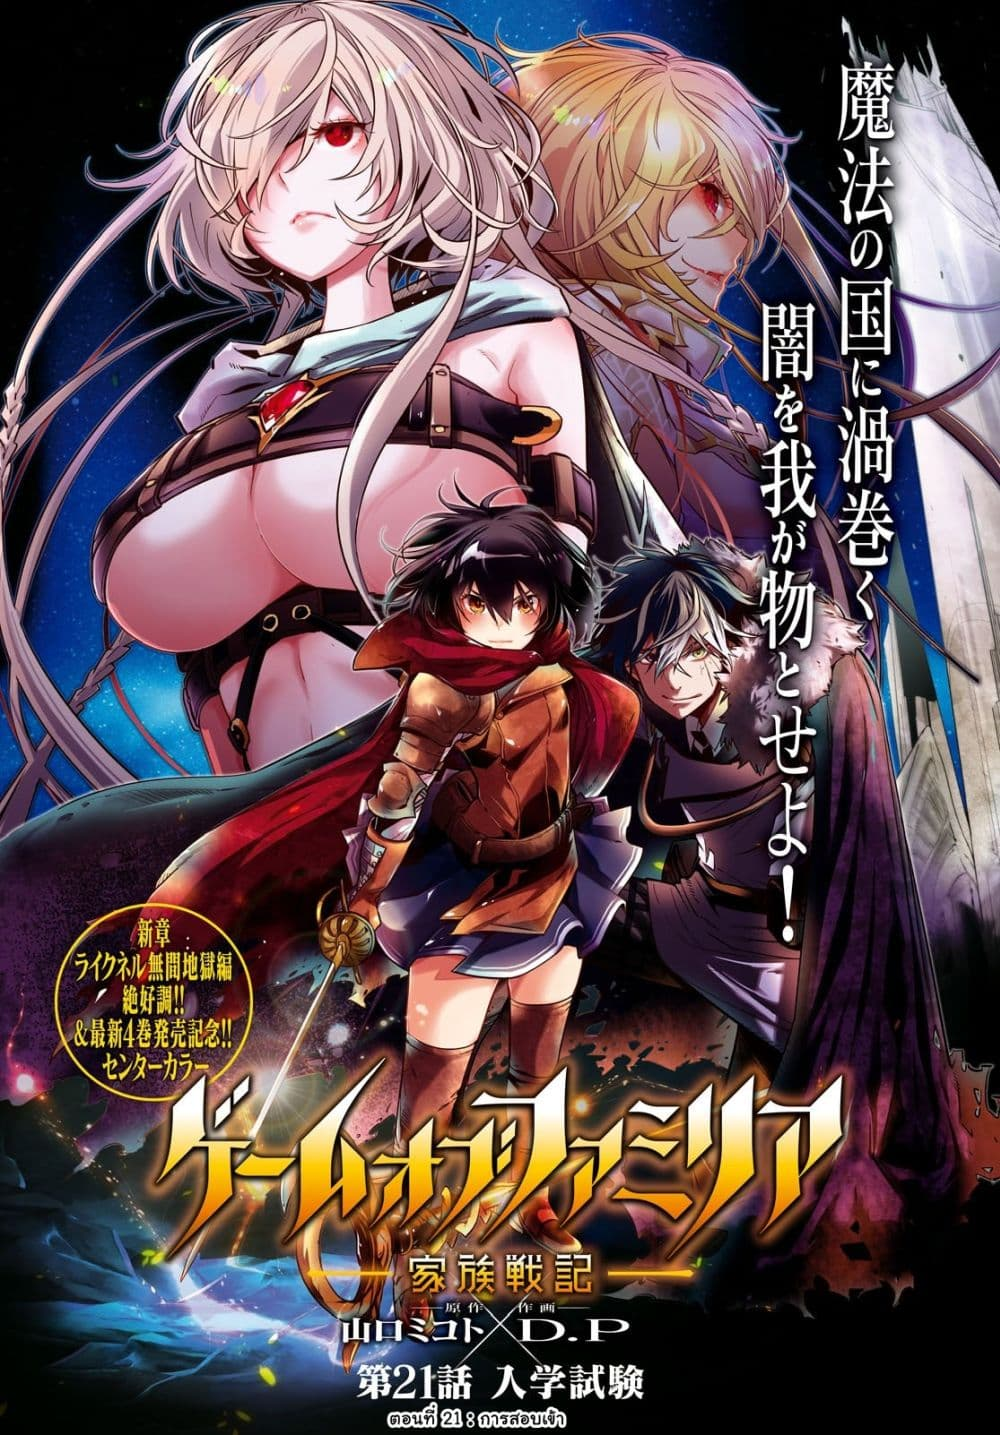 อ่านการ์ตูน Game obu Familia - Family Senki ตอนที่ 21 หน้าที่ 1